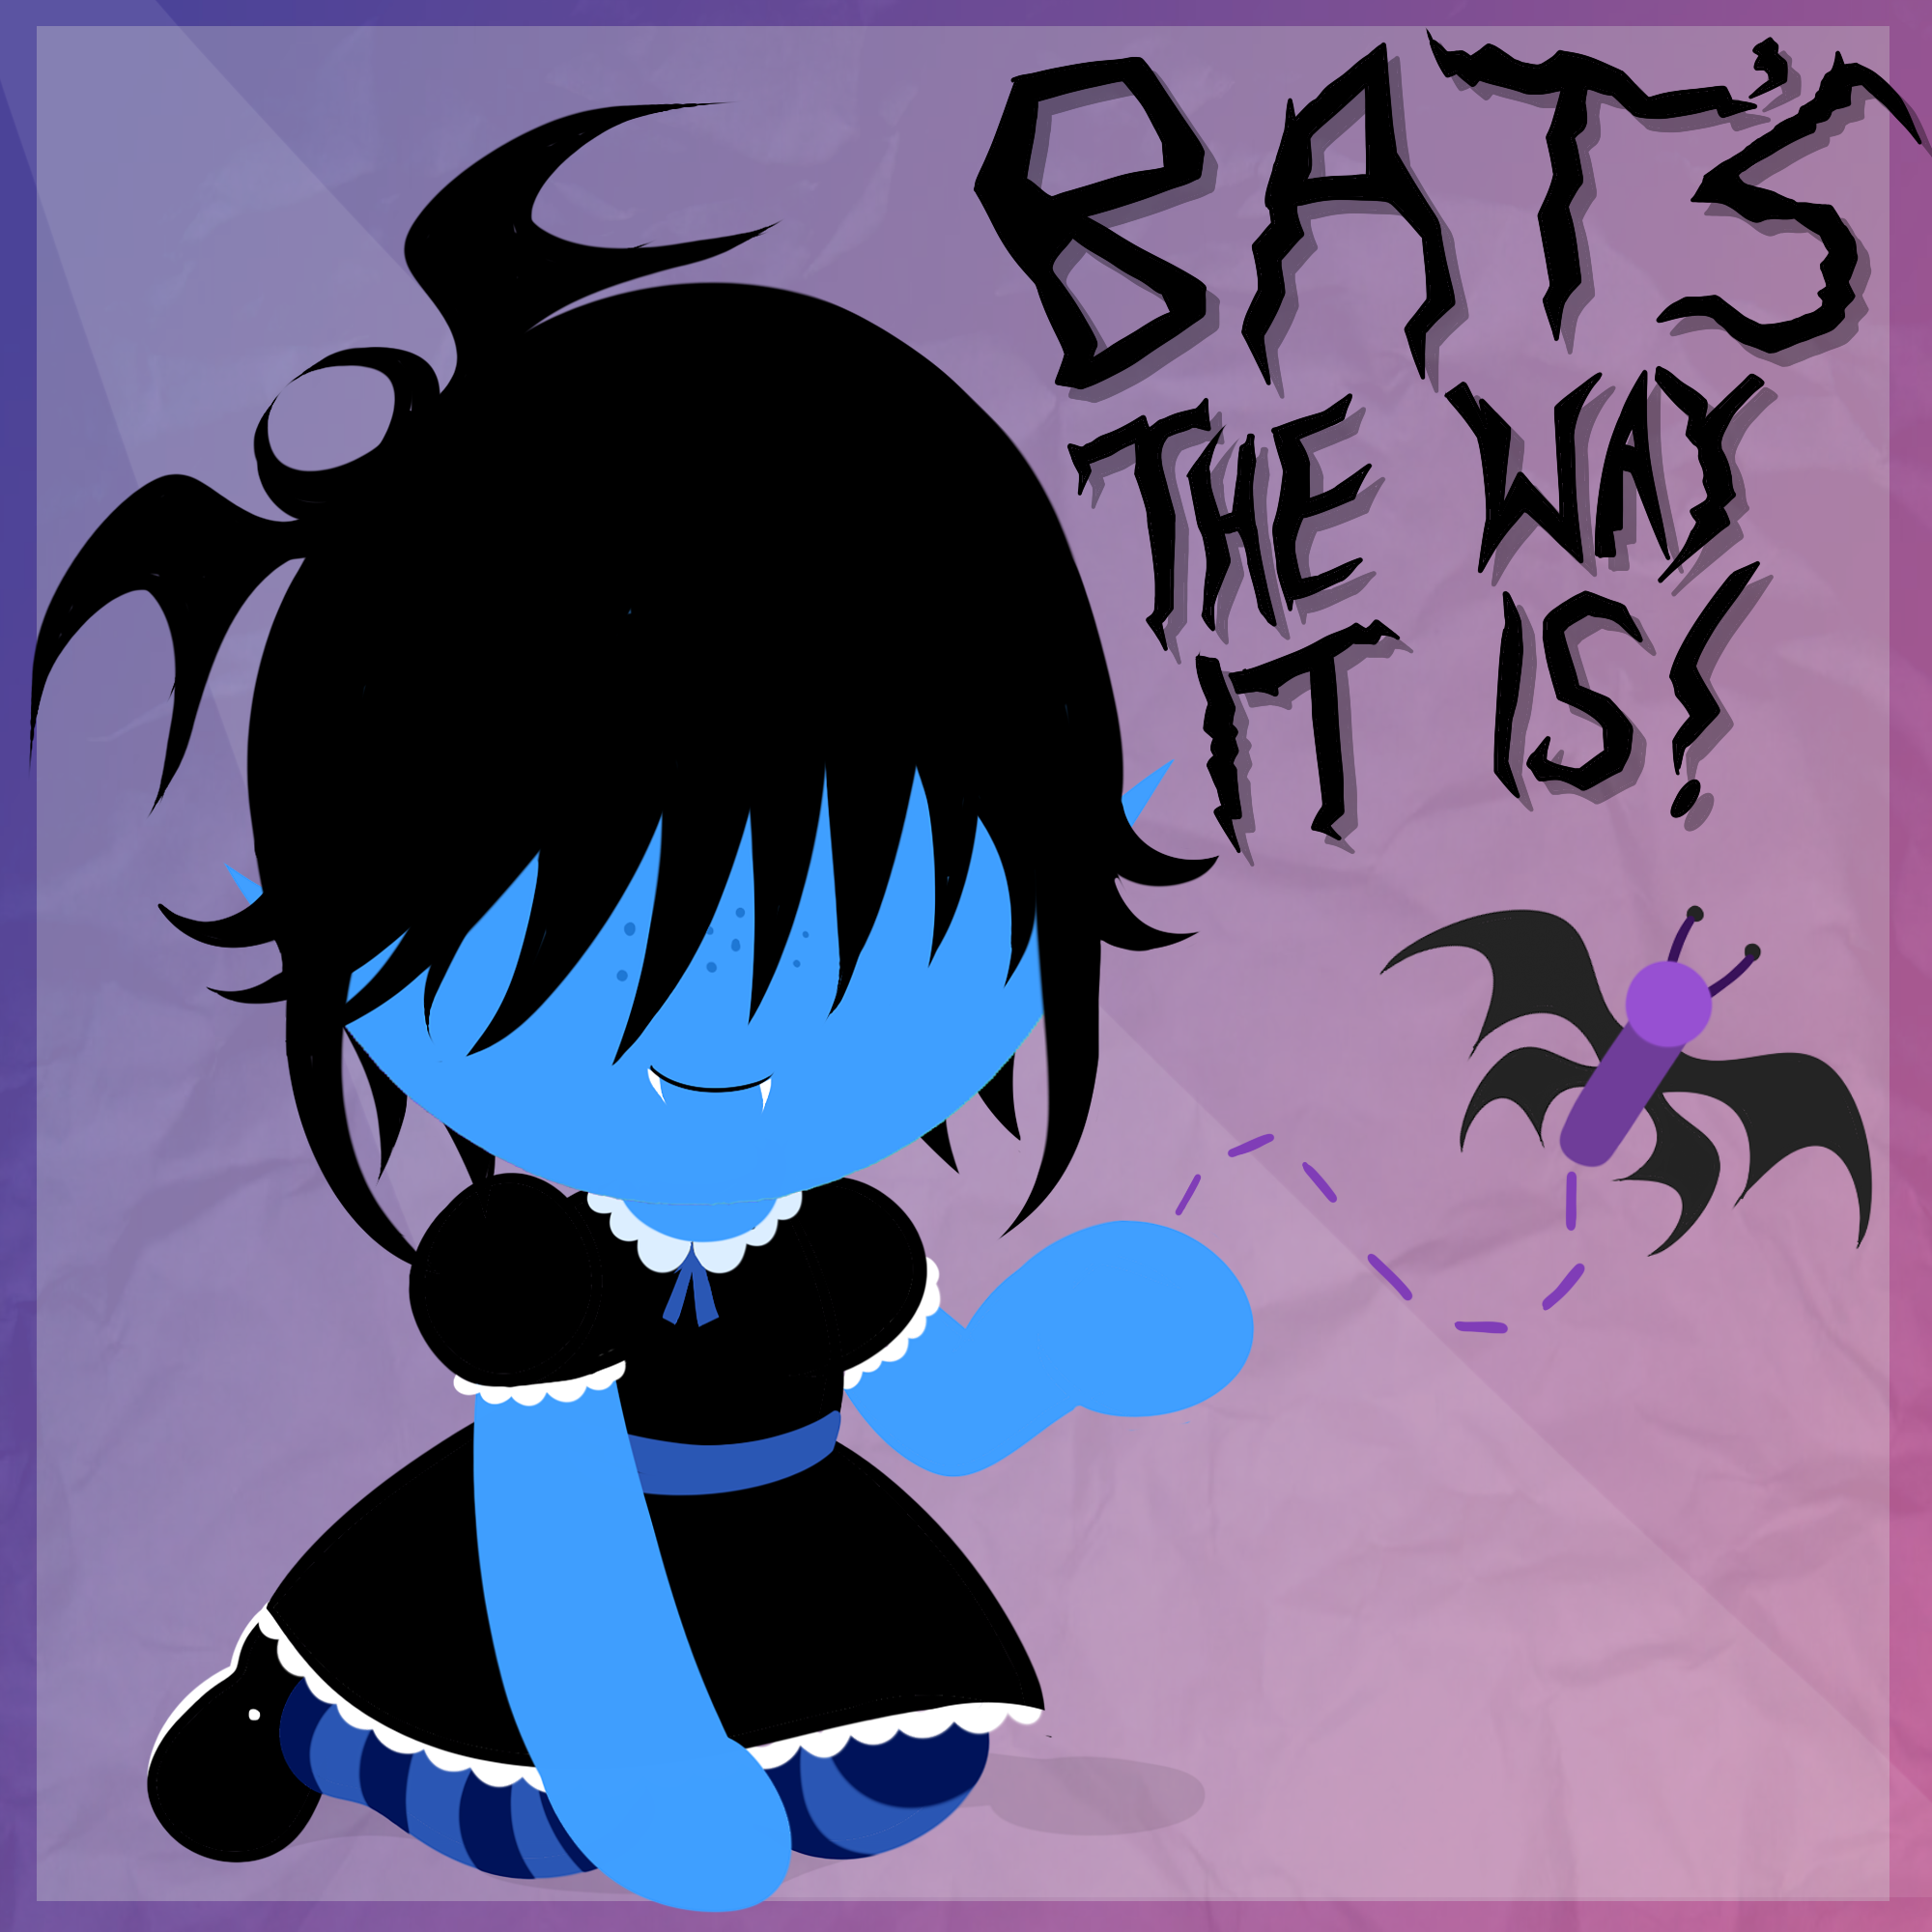 Bats Life